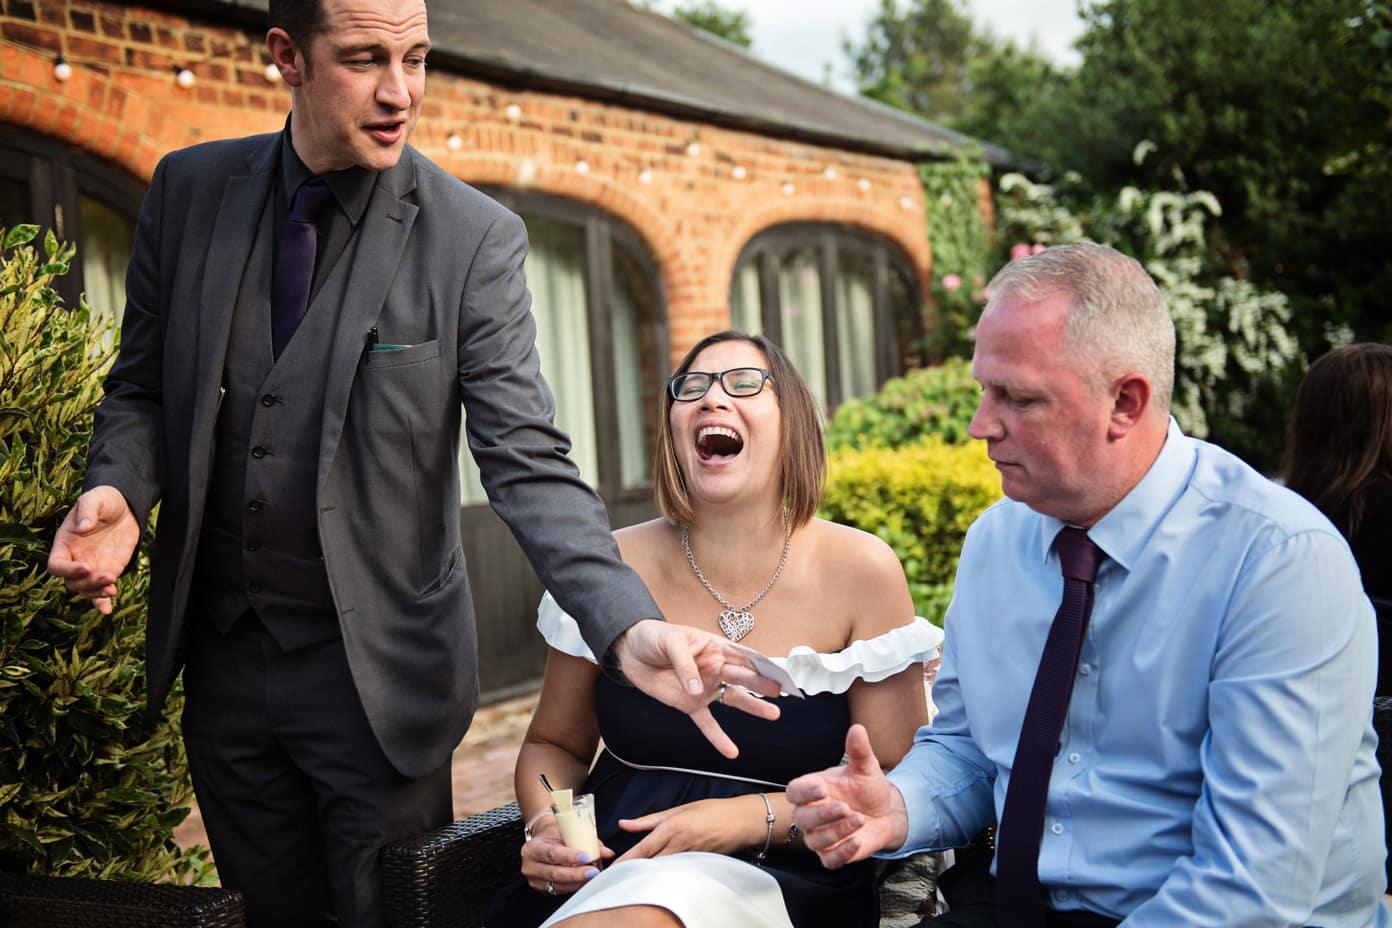 Manchester wedding magicians